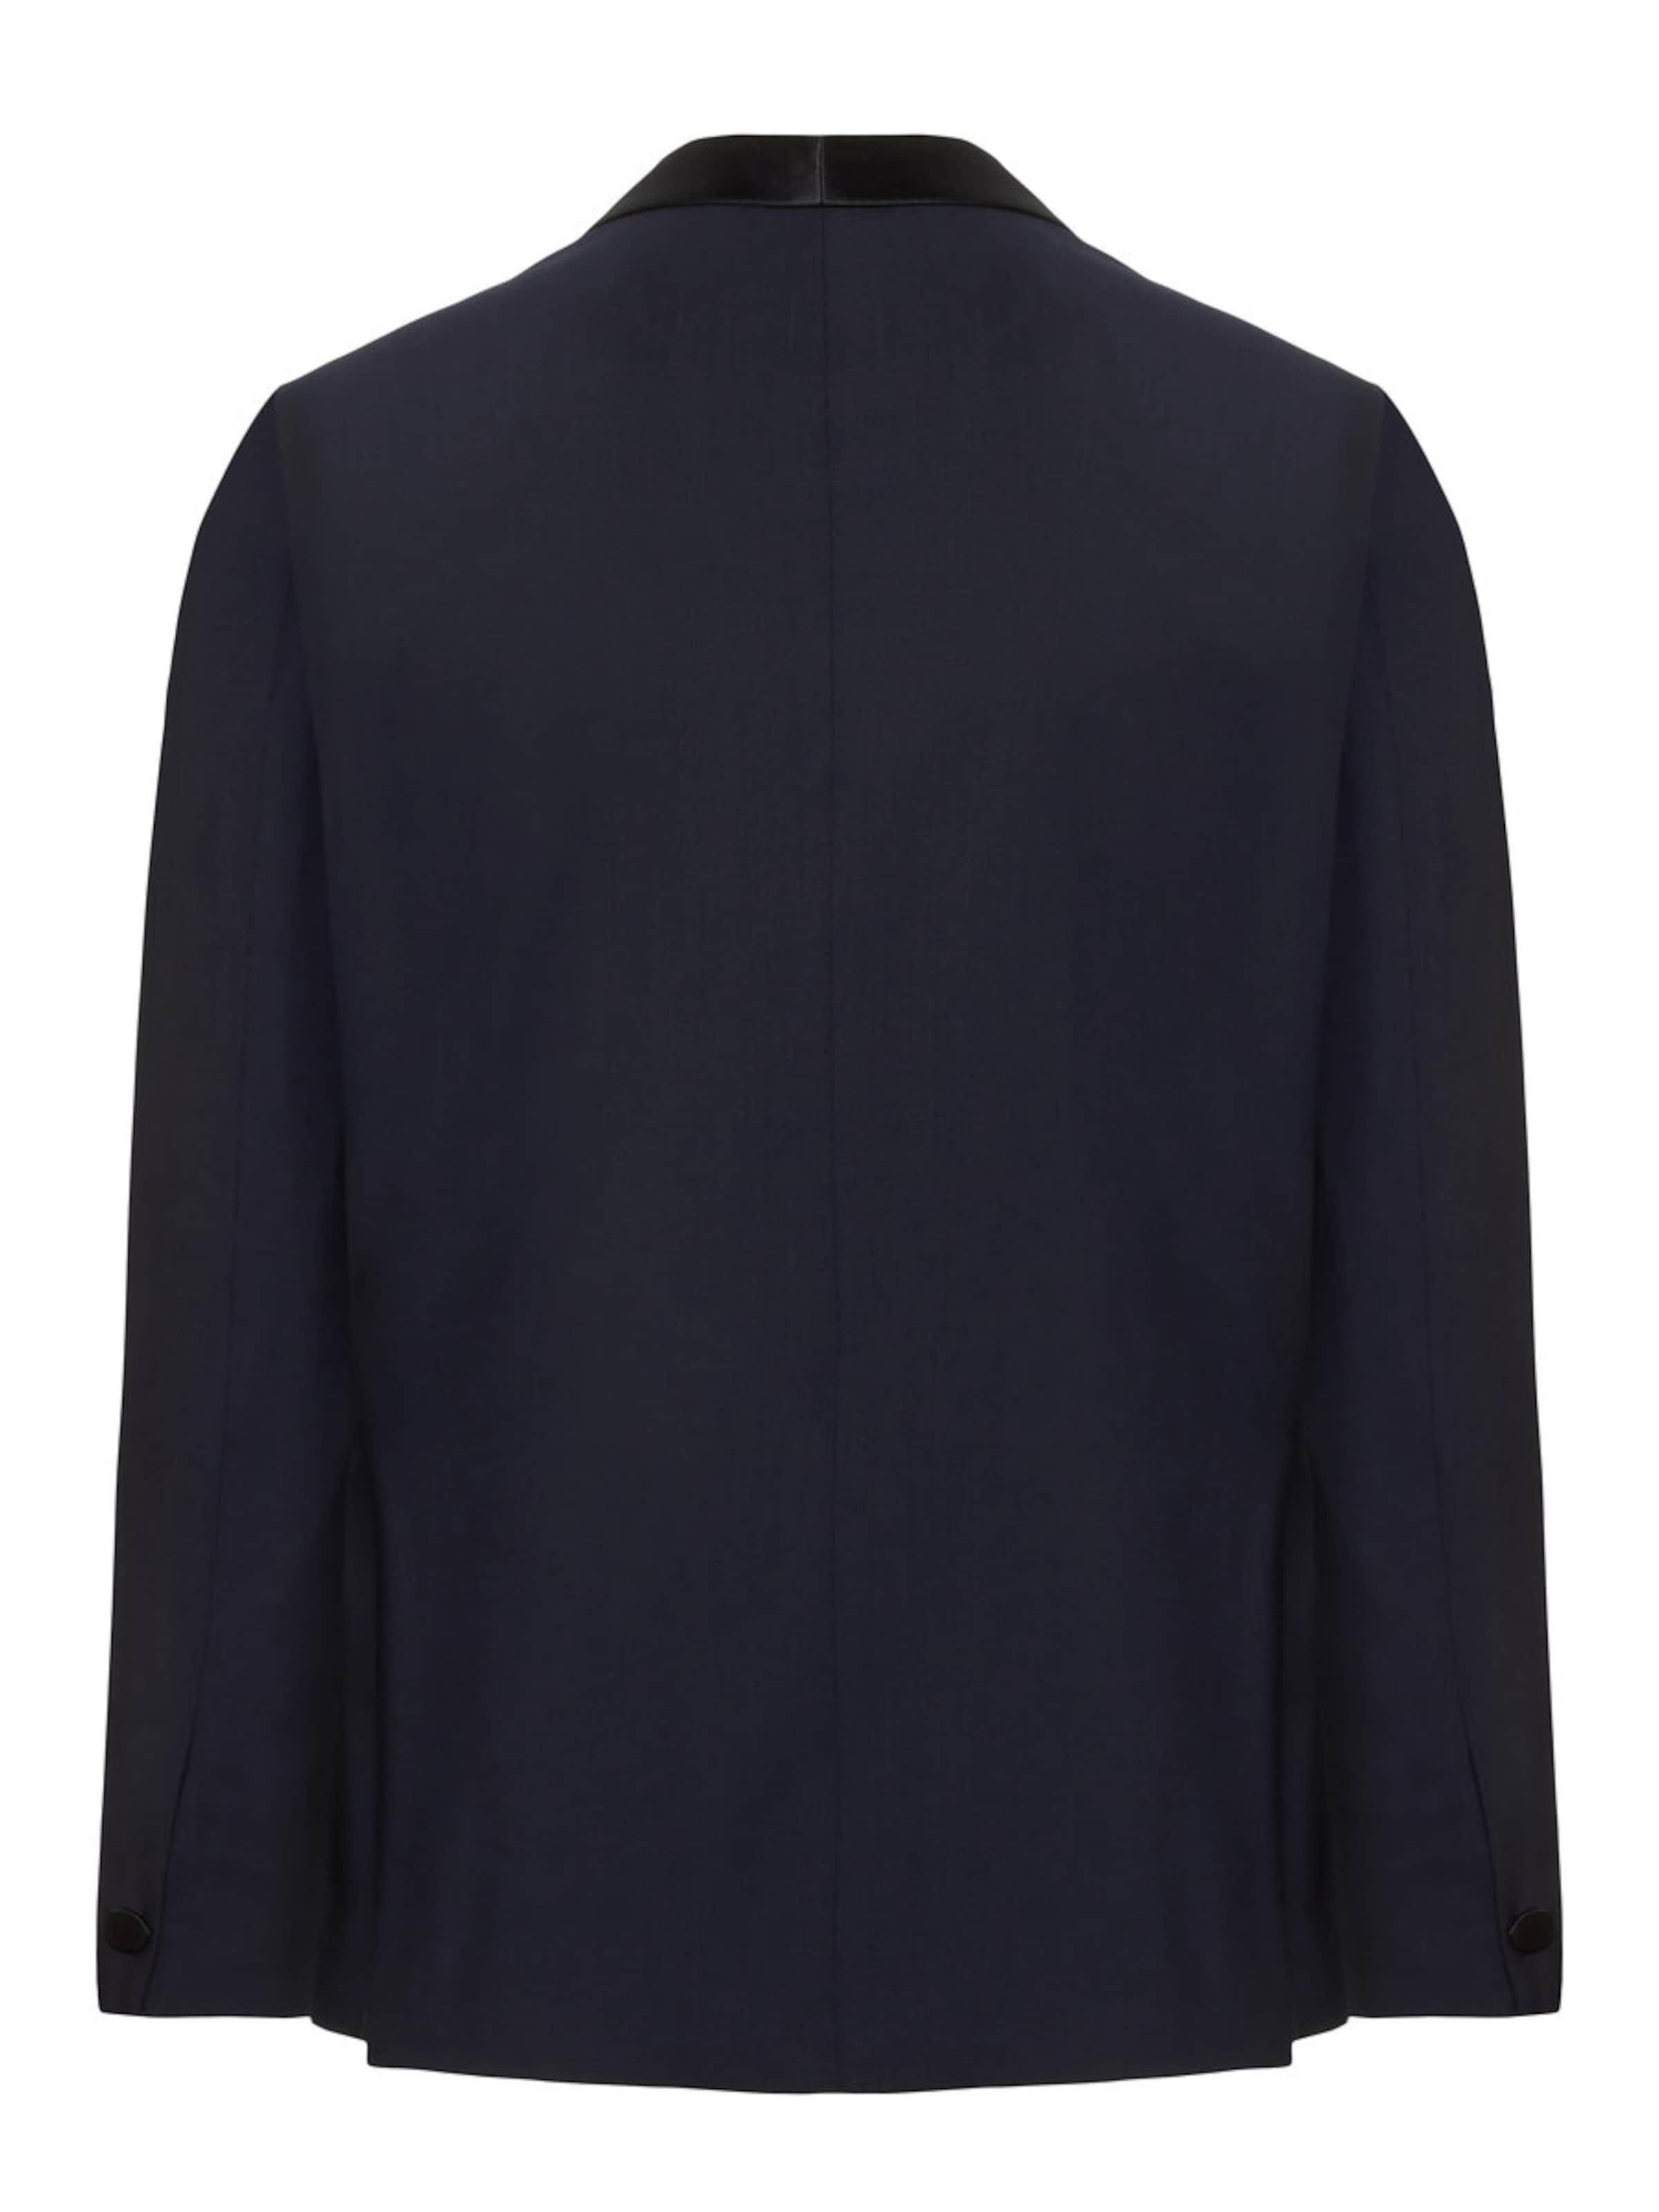 Costume Comfort' En 'savile Tux Bleu De Veste Nuit J lindeberg ZlwXkiuTOP